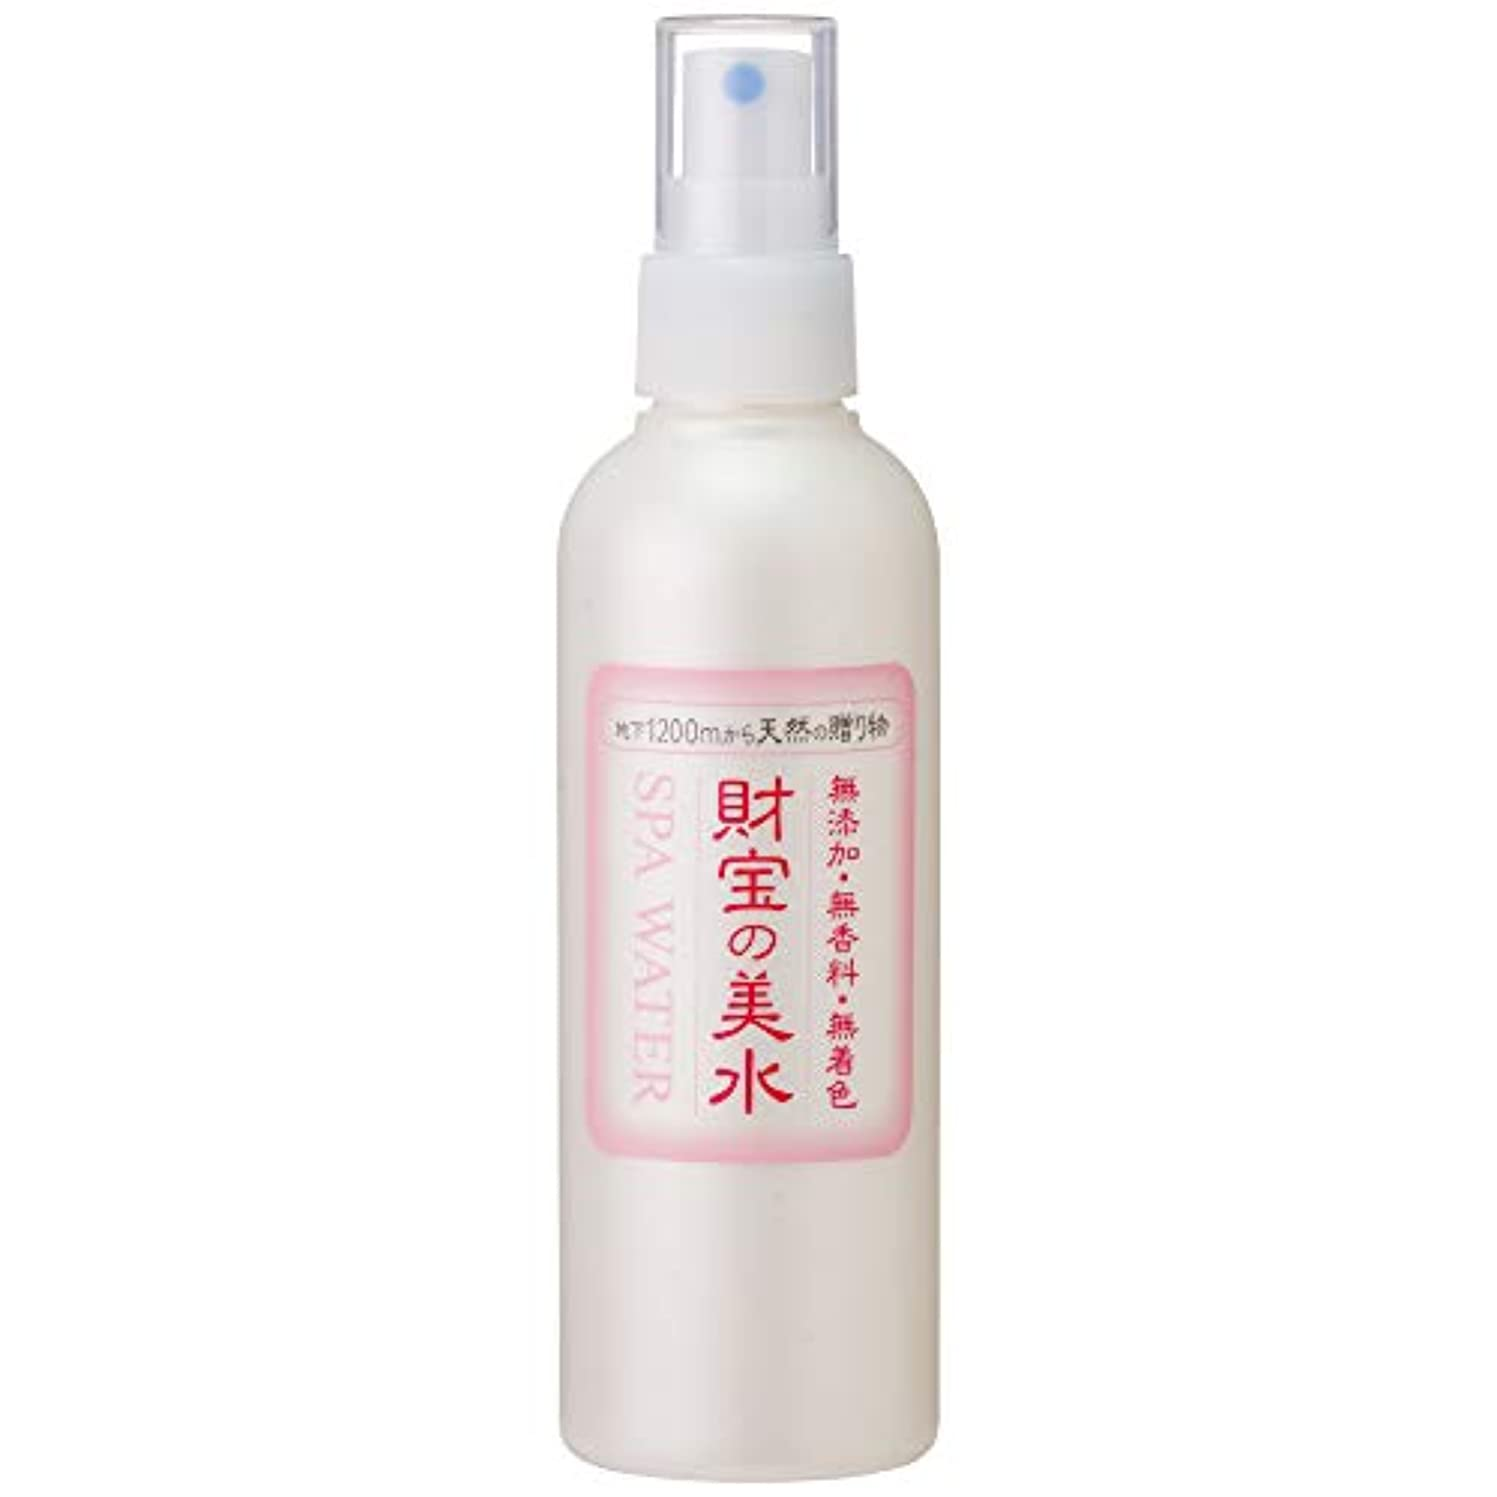 回答生命体契約した財宝 温泉 美水 ミスト 化粧水 200ml